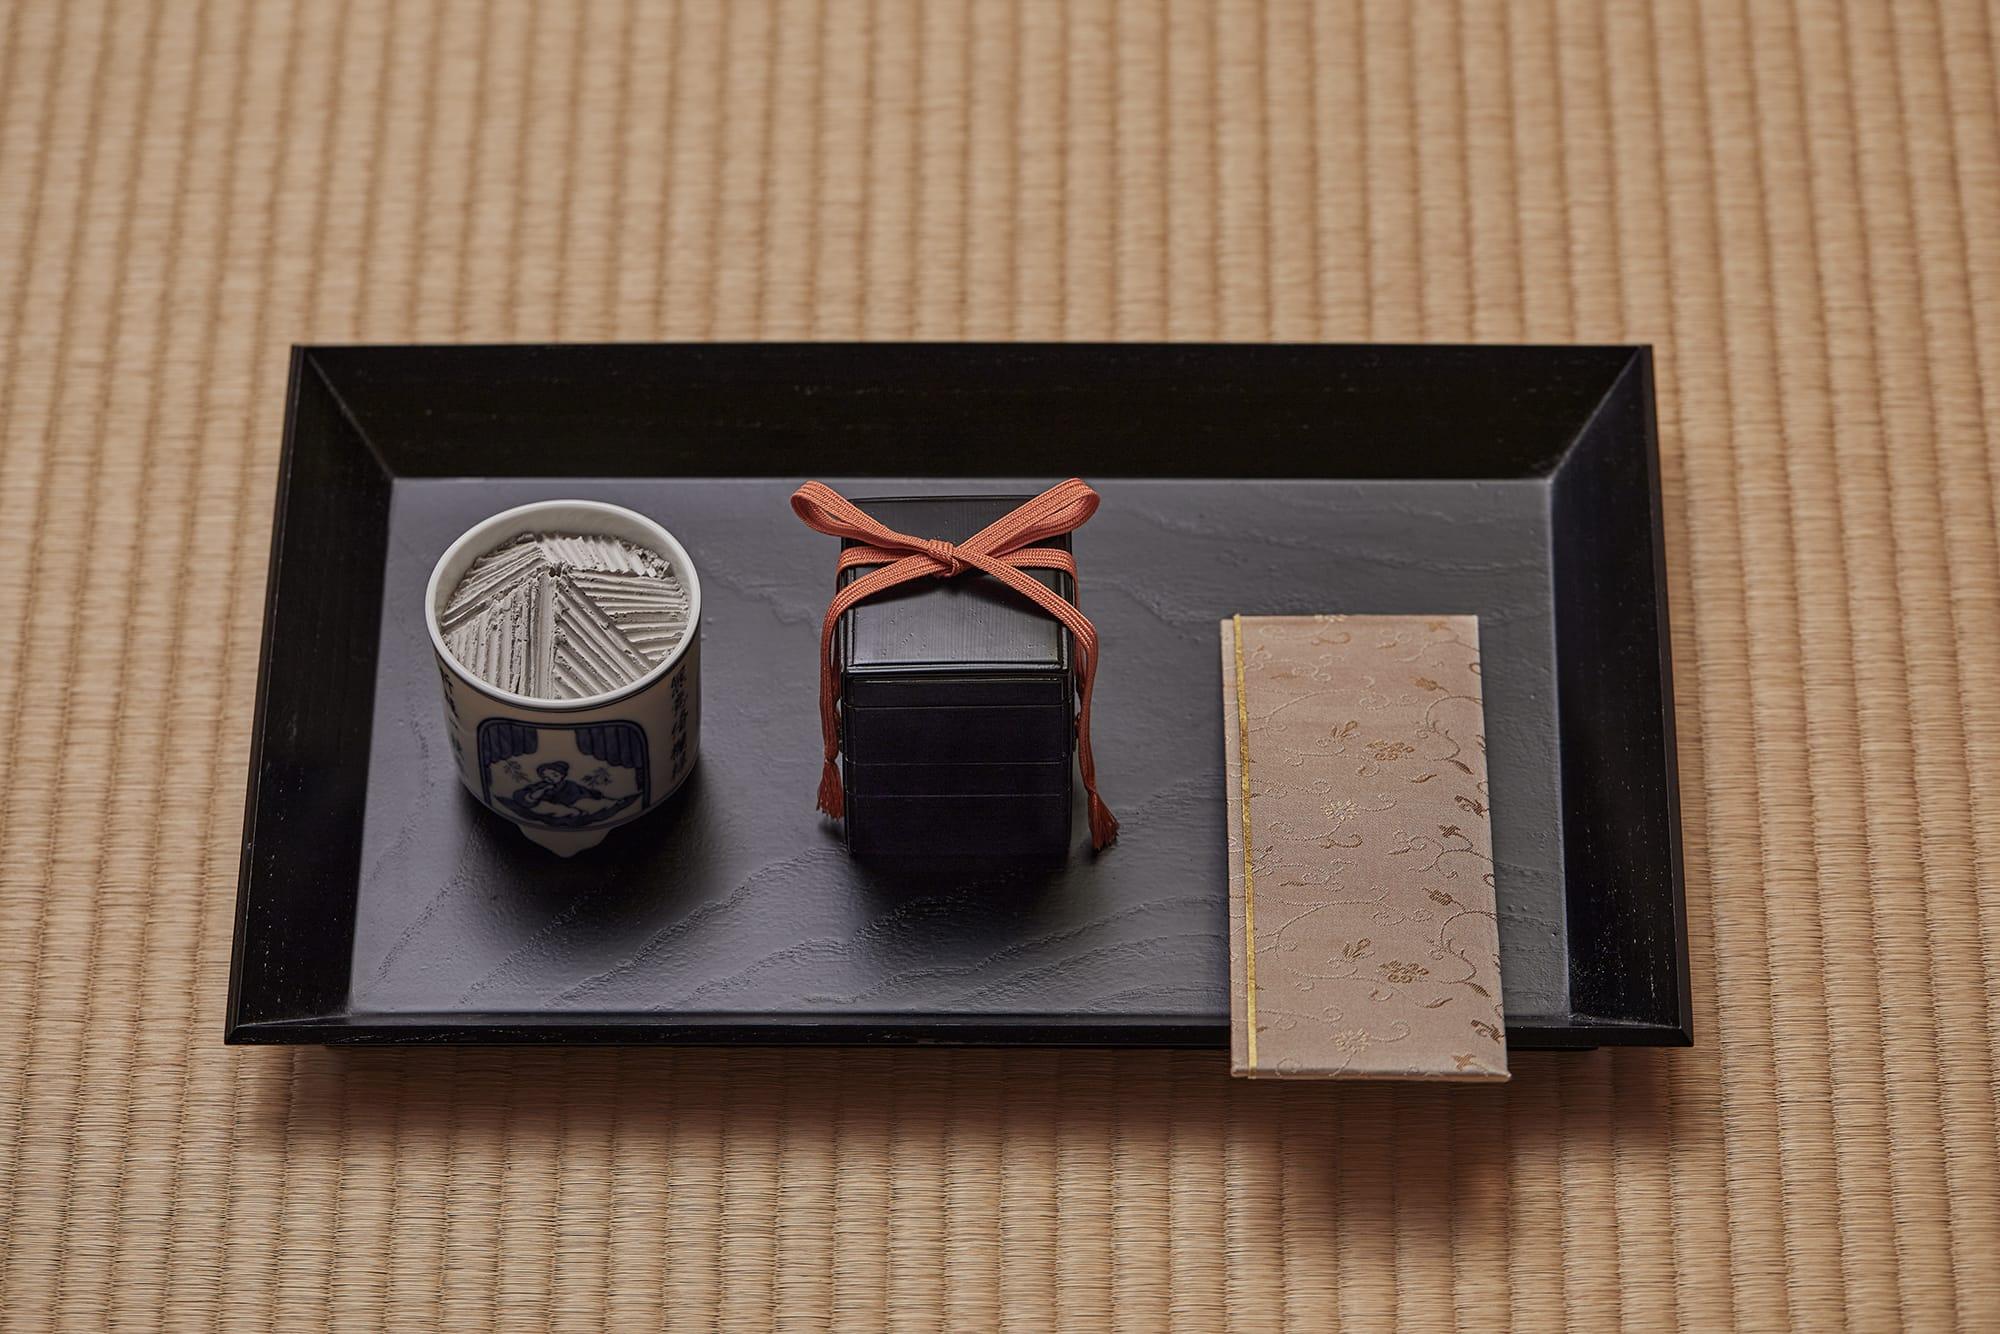 通常の稽古は「組香」と呼ばれる、香りを聞き当てる形式で行われていく。組香の道具が並ぶ。